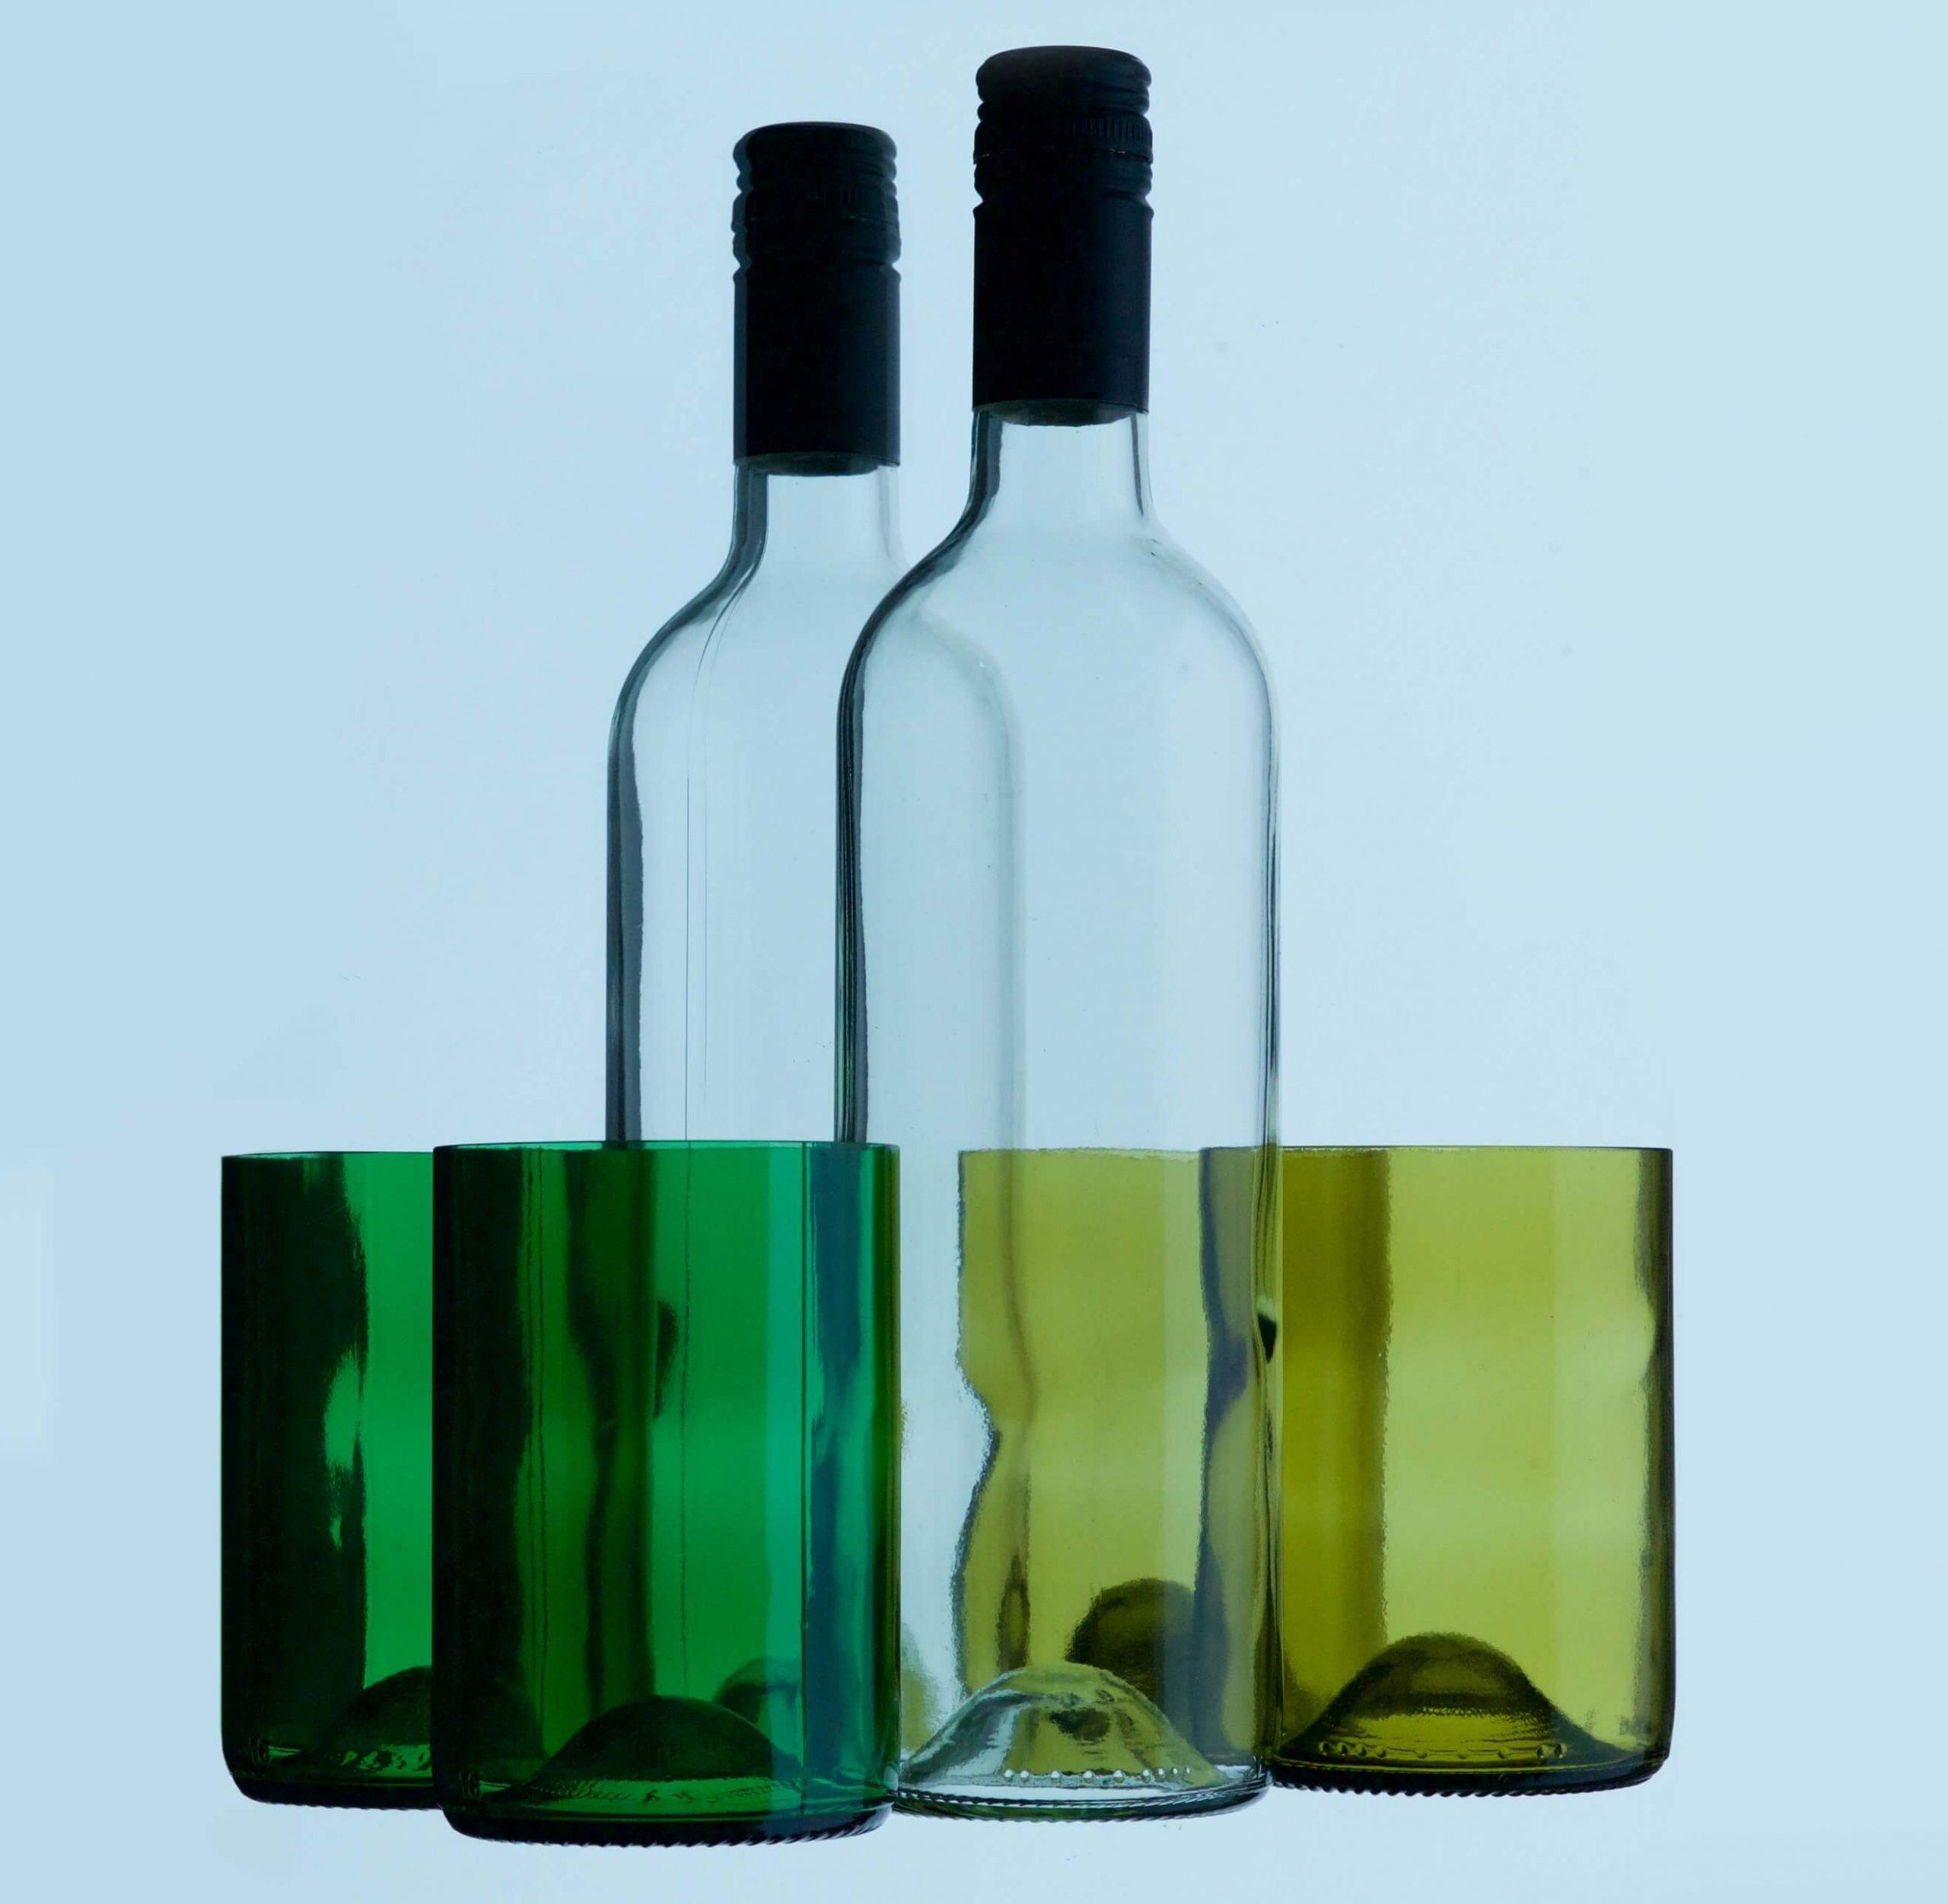 Rebottled Glass Brown circulaire drinkglazen bij Studio Perspective